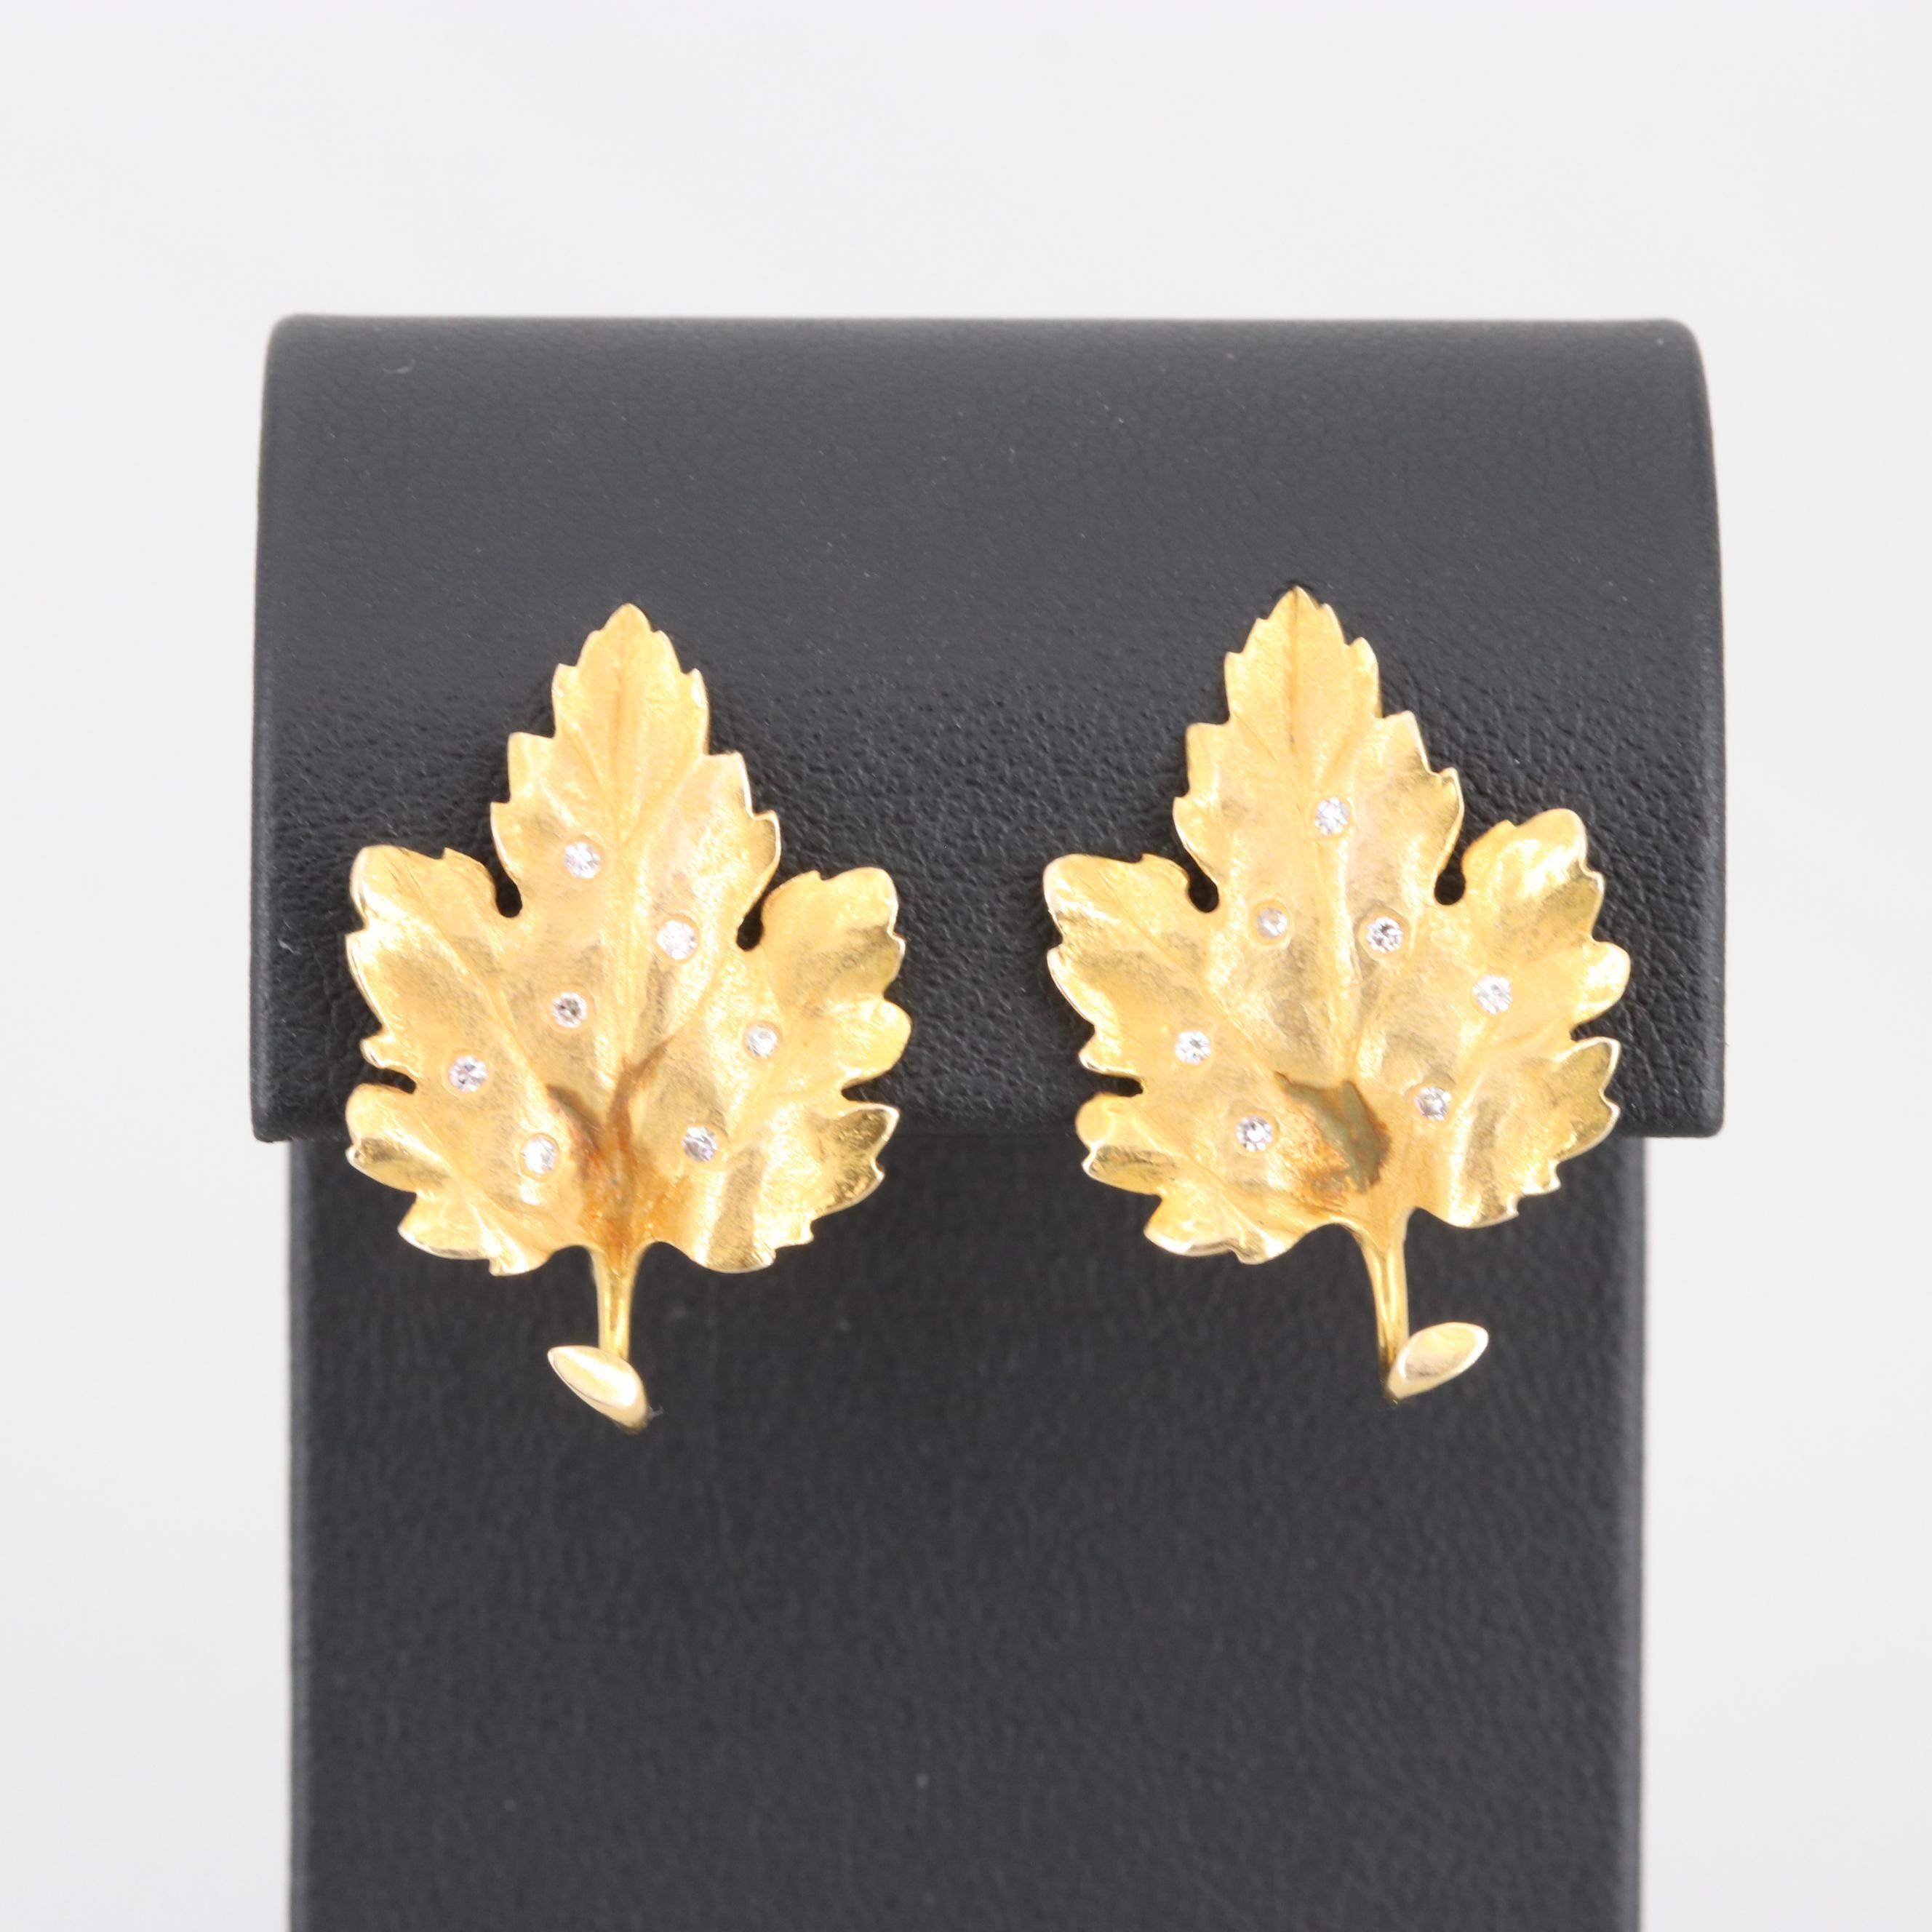 14K Yellow Gold Diamond Leaf Earrings